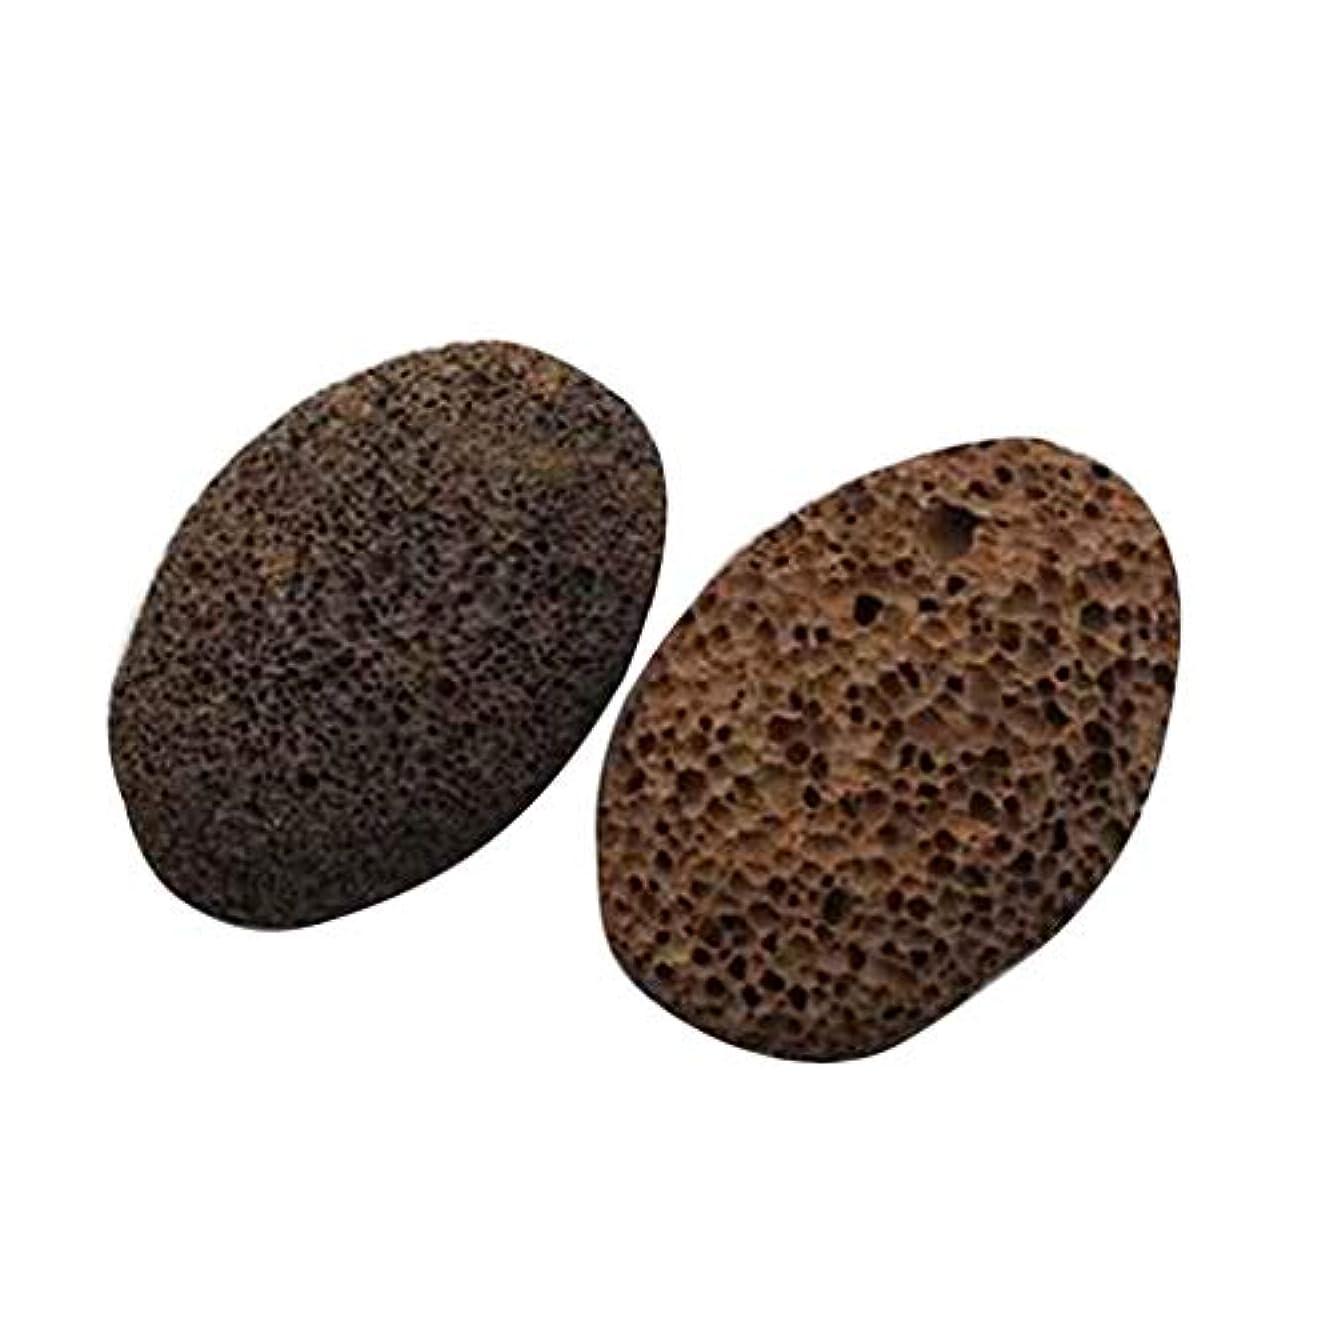 ほぼ文法Nerhaily 死んだ皮軽石を取り除き 足石を挽いて 自然の火山石を剥がします 足マッサージ石 ワイプ足石 2個セット